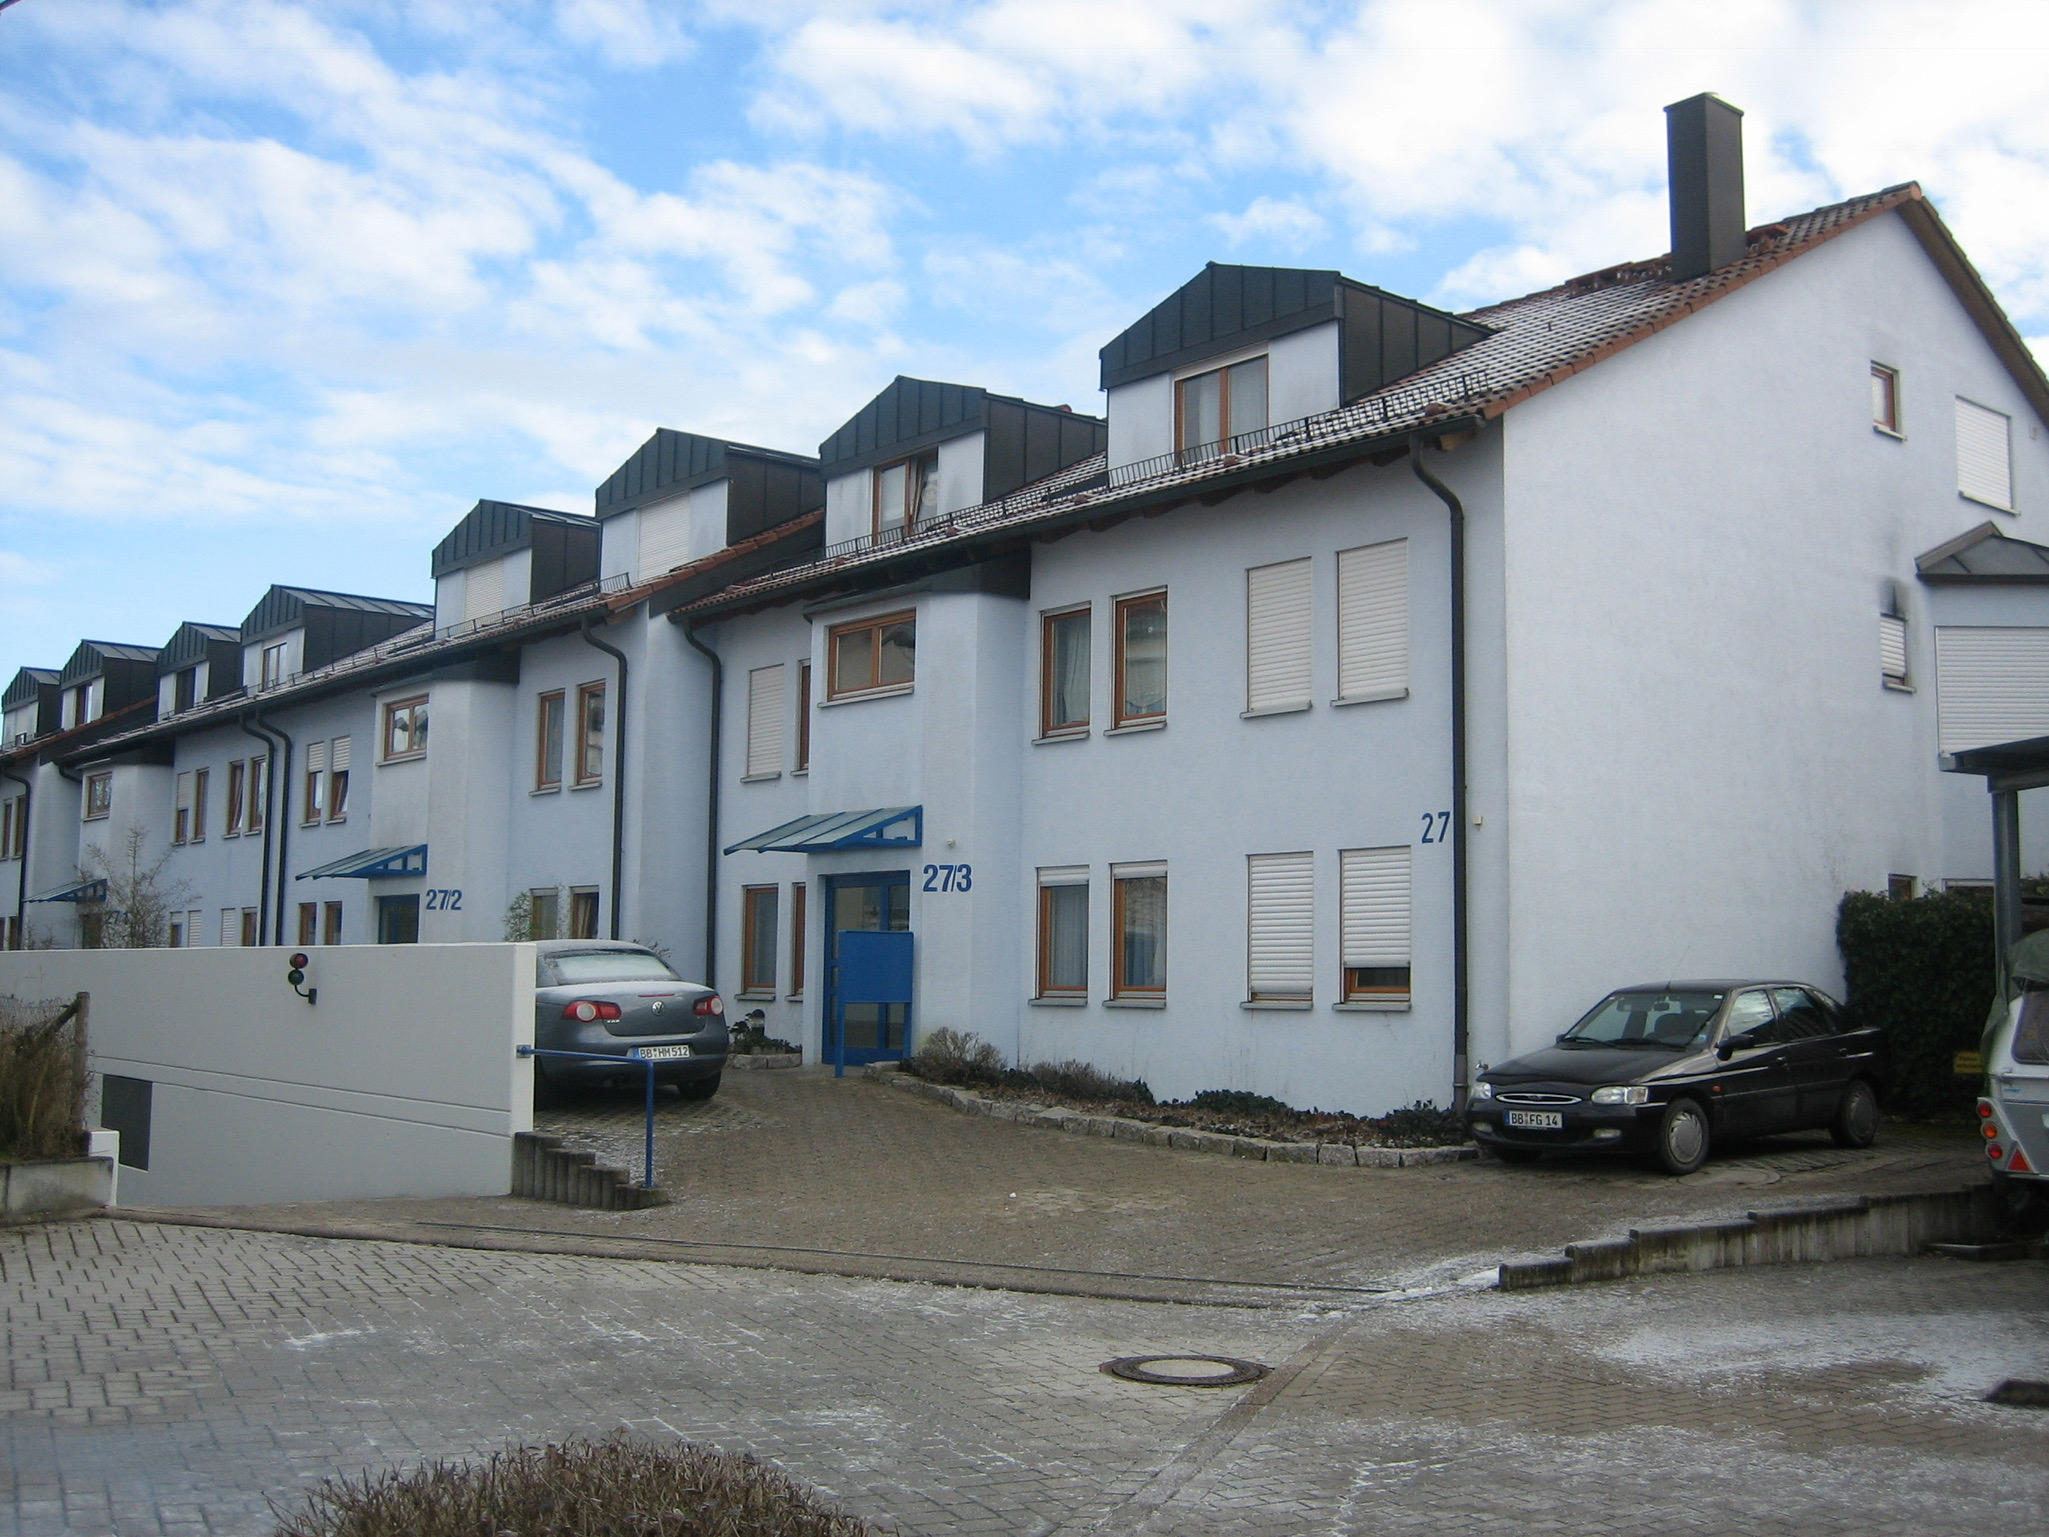 WEG Adlerstr. 27-27/3, Herrenberg